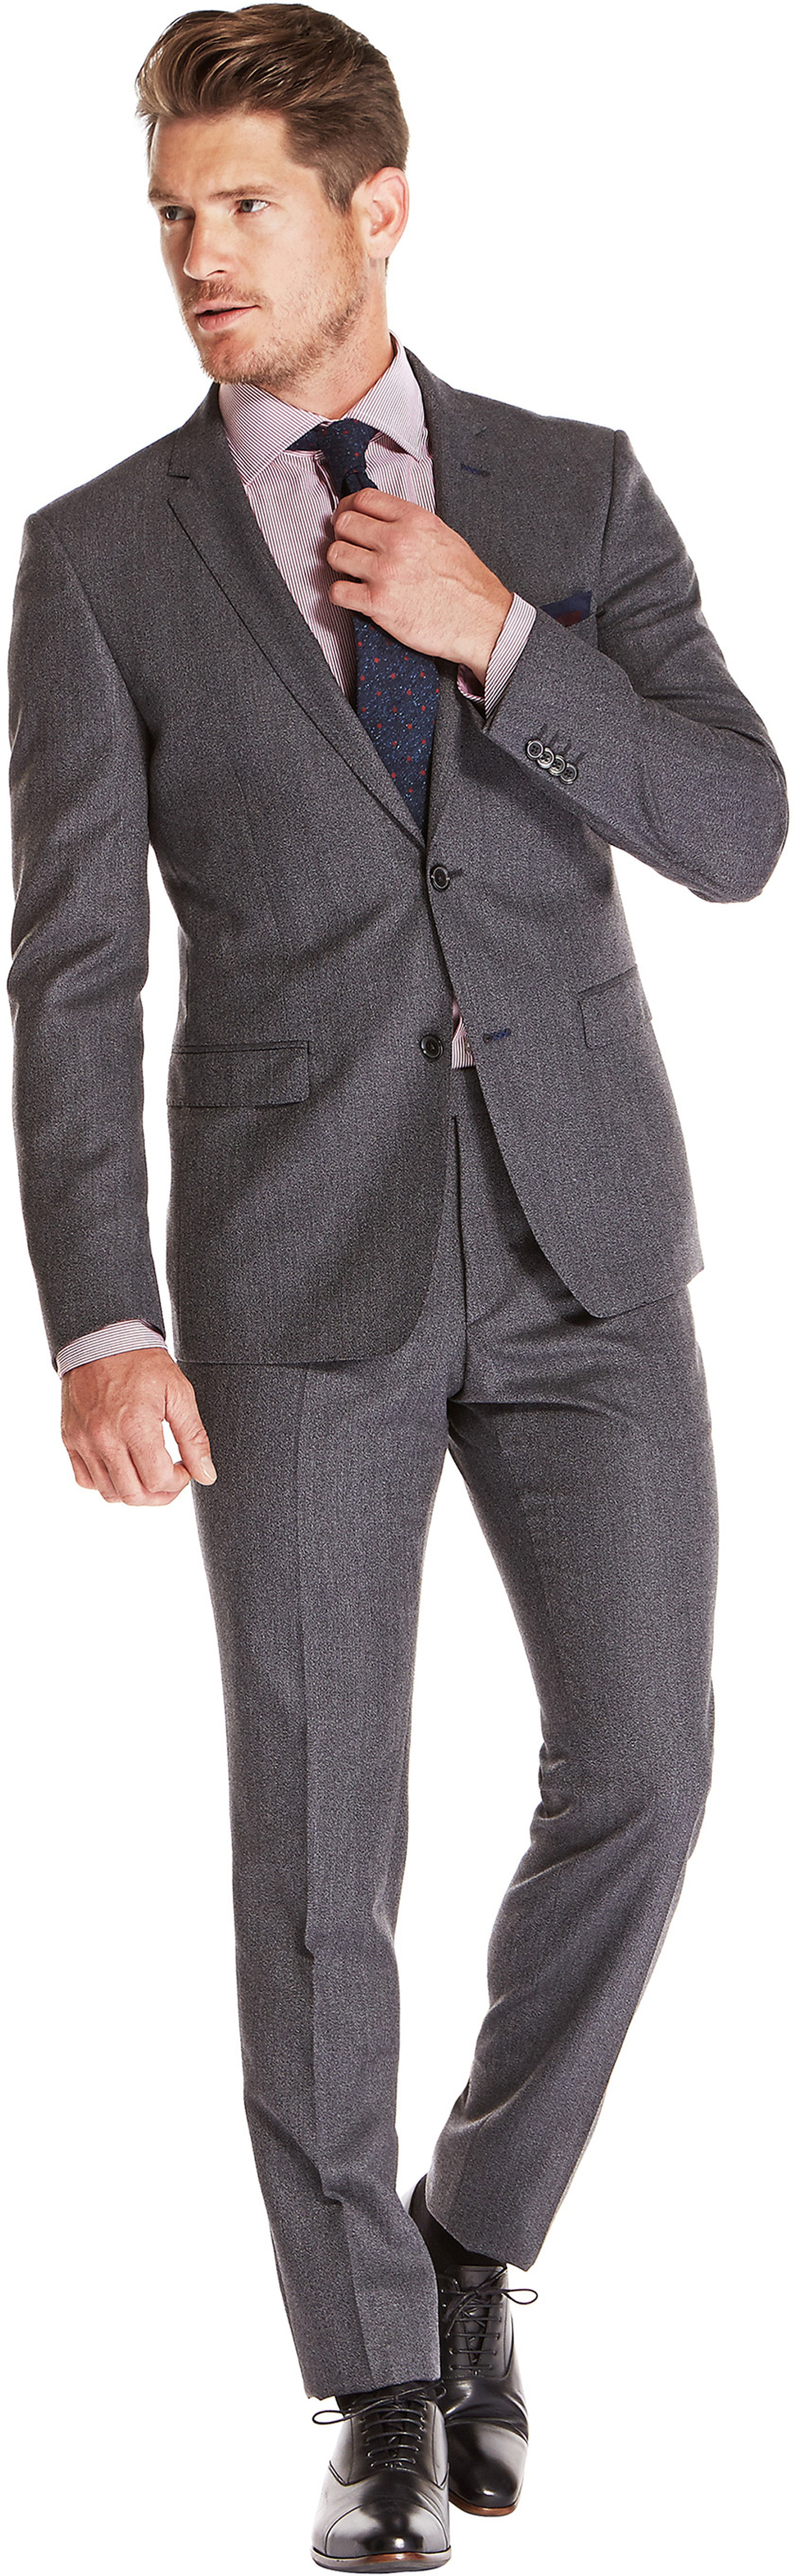 Van Gils Suit Brolin Dark Grey Uni